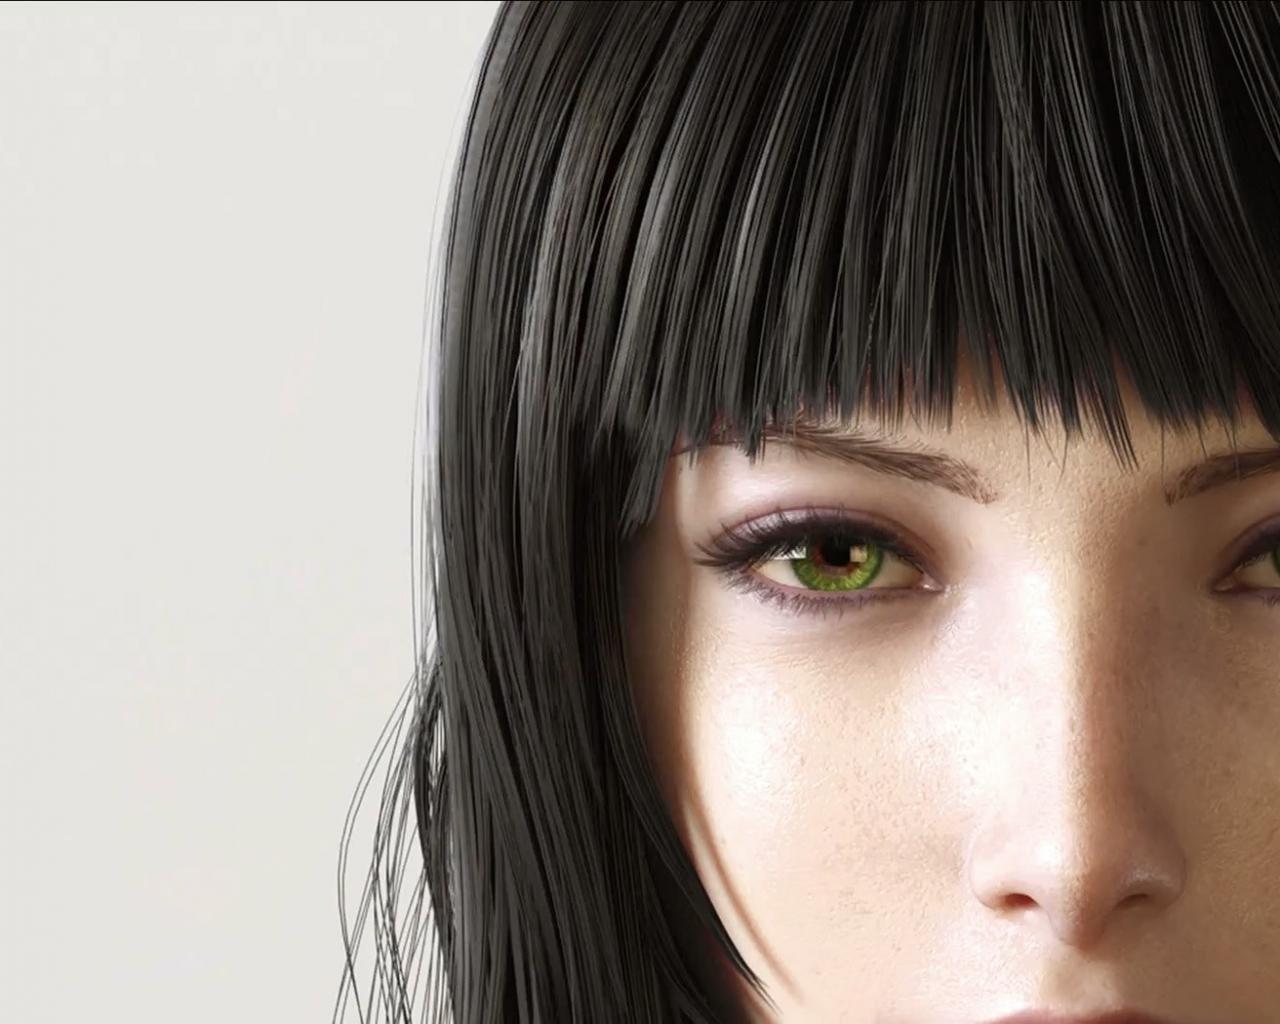 Imágenes realistas en 3D - 1280x1024